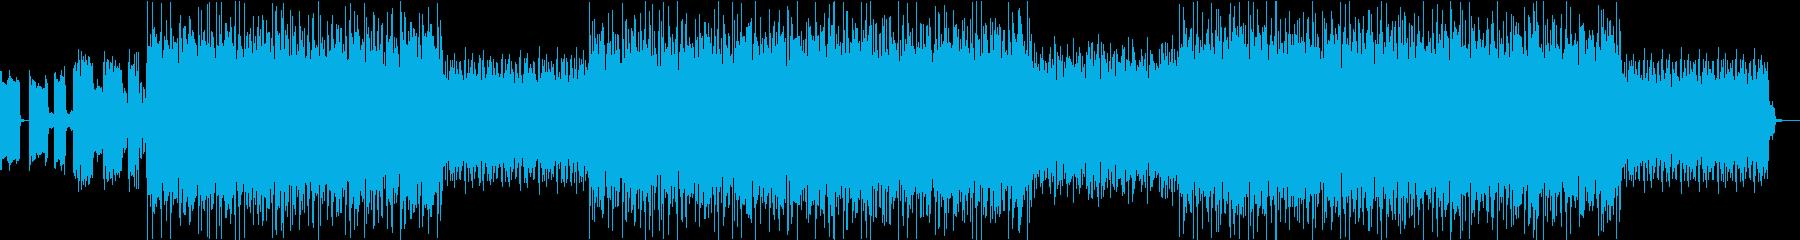 シンセサイザーを使った近未来的なBGMの再生済みの波形